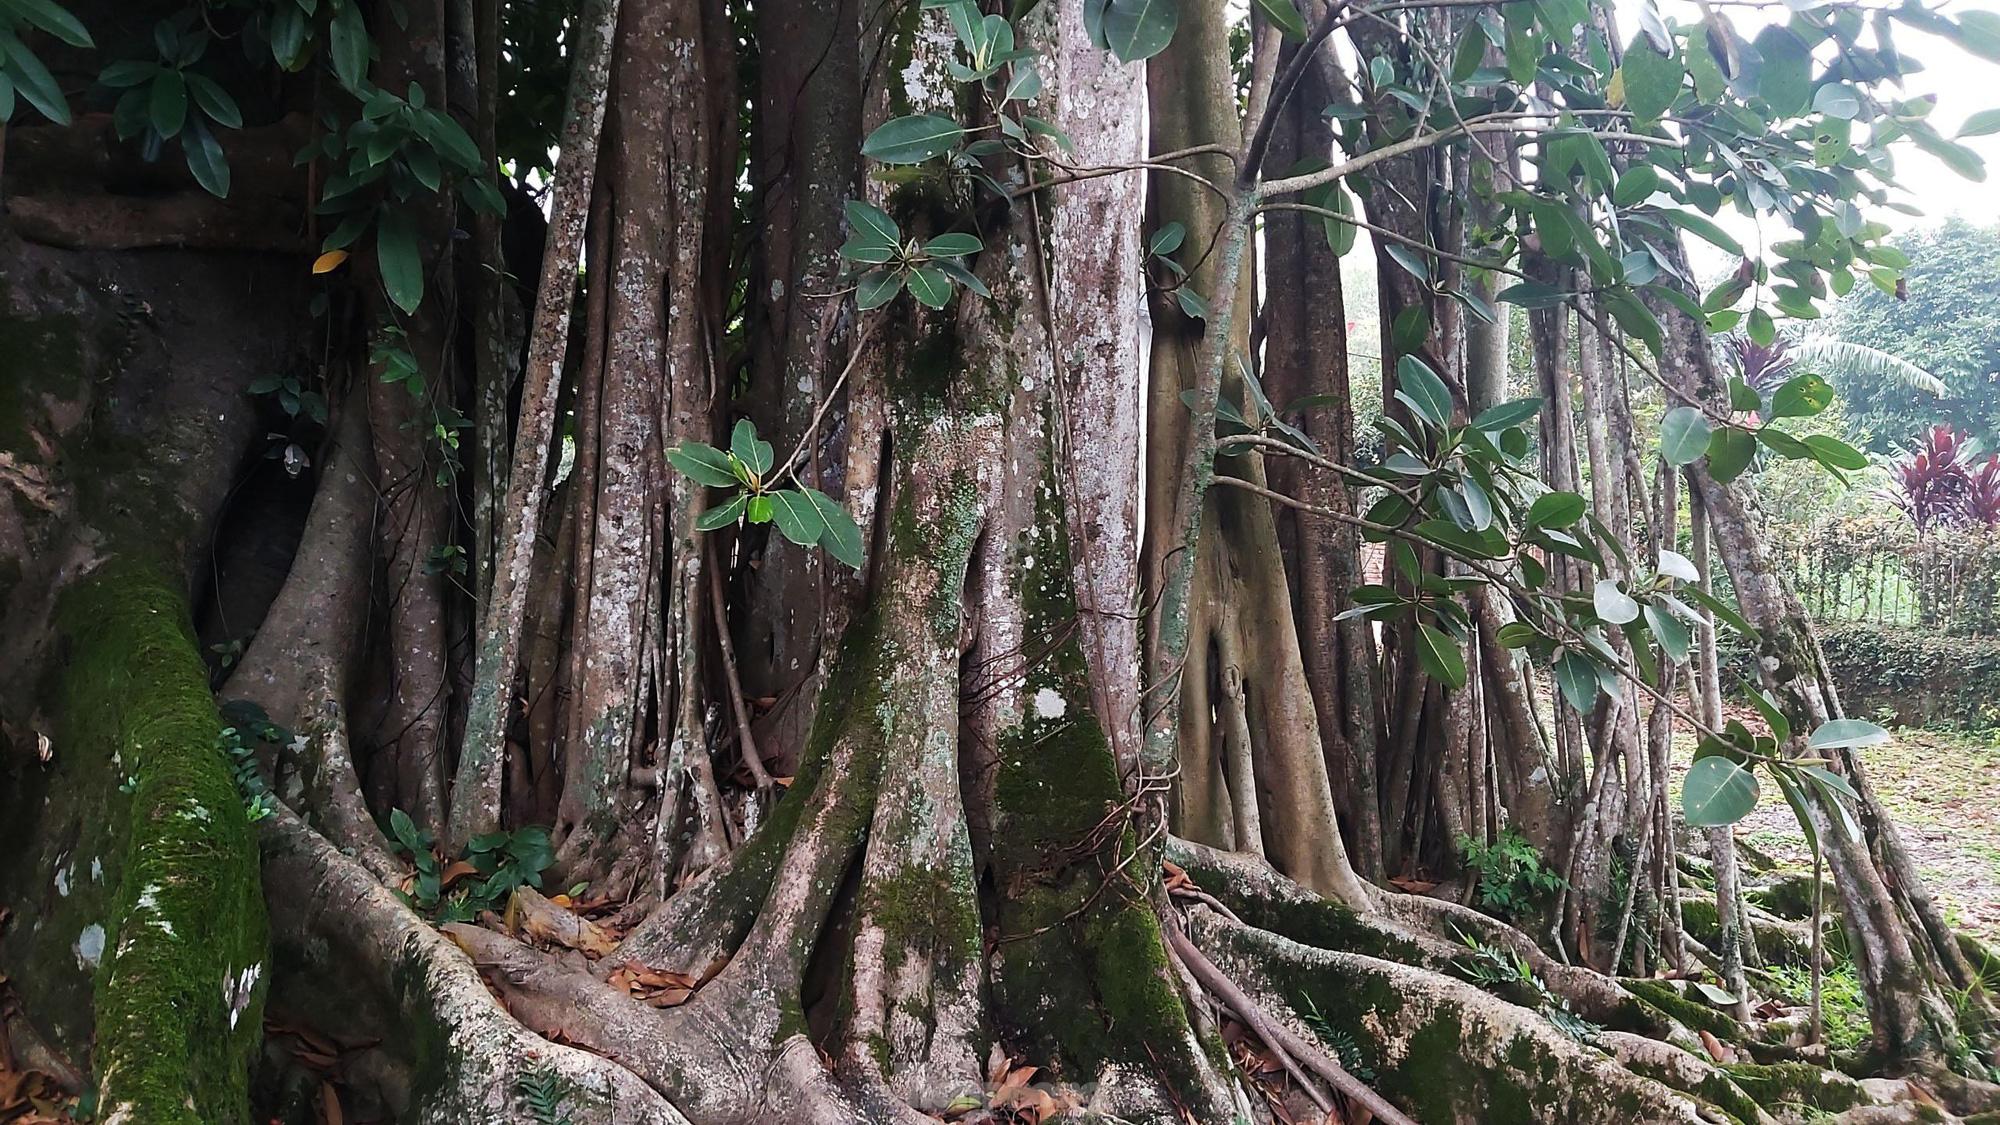 """""""Quái cây"""" đa Thần Rùa hàng ngàn năm tuổi với bộ rễ quá khủng như những con rắn khổng lồ - Ảnh 7."""